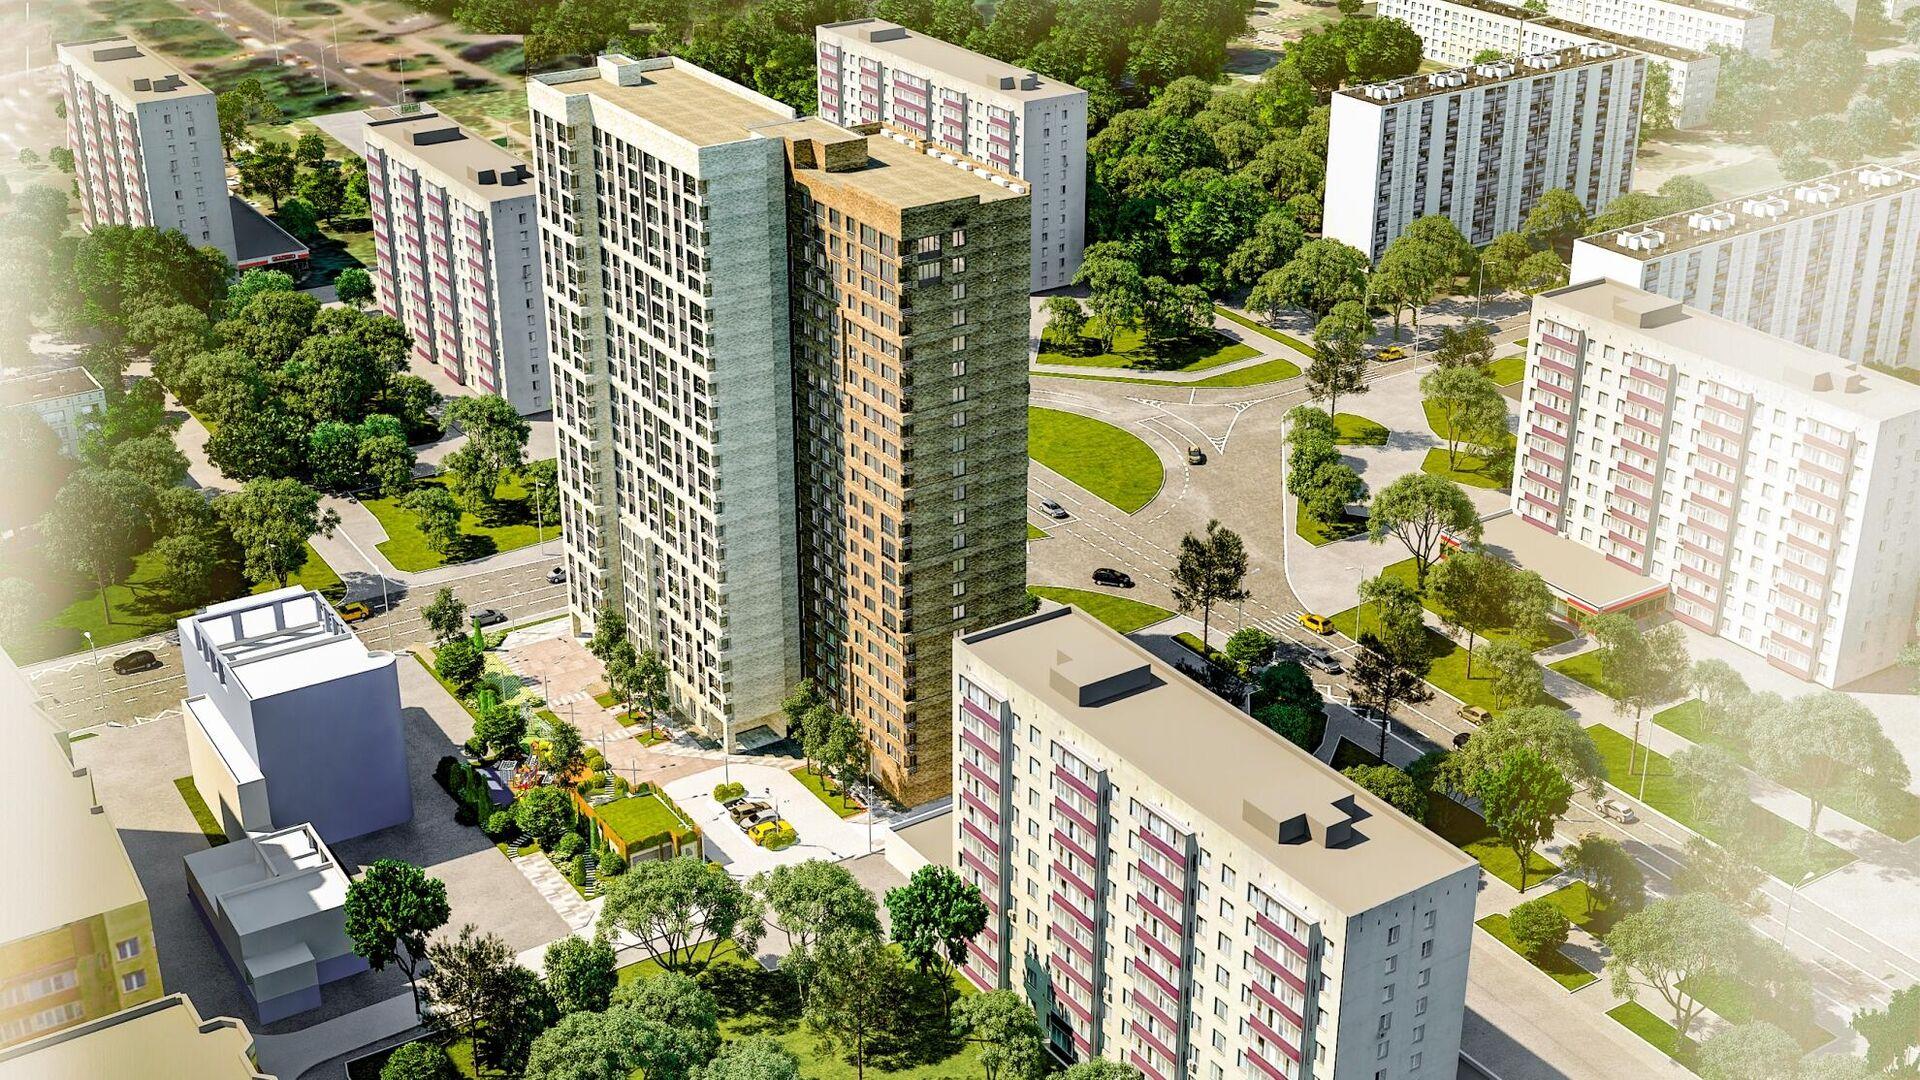 Проект дома по программе реновации на площади Белы Куна в Гольянове - РИА Новости, 1920, 25.02.2021